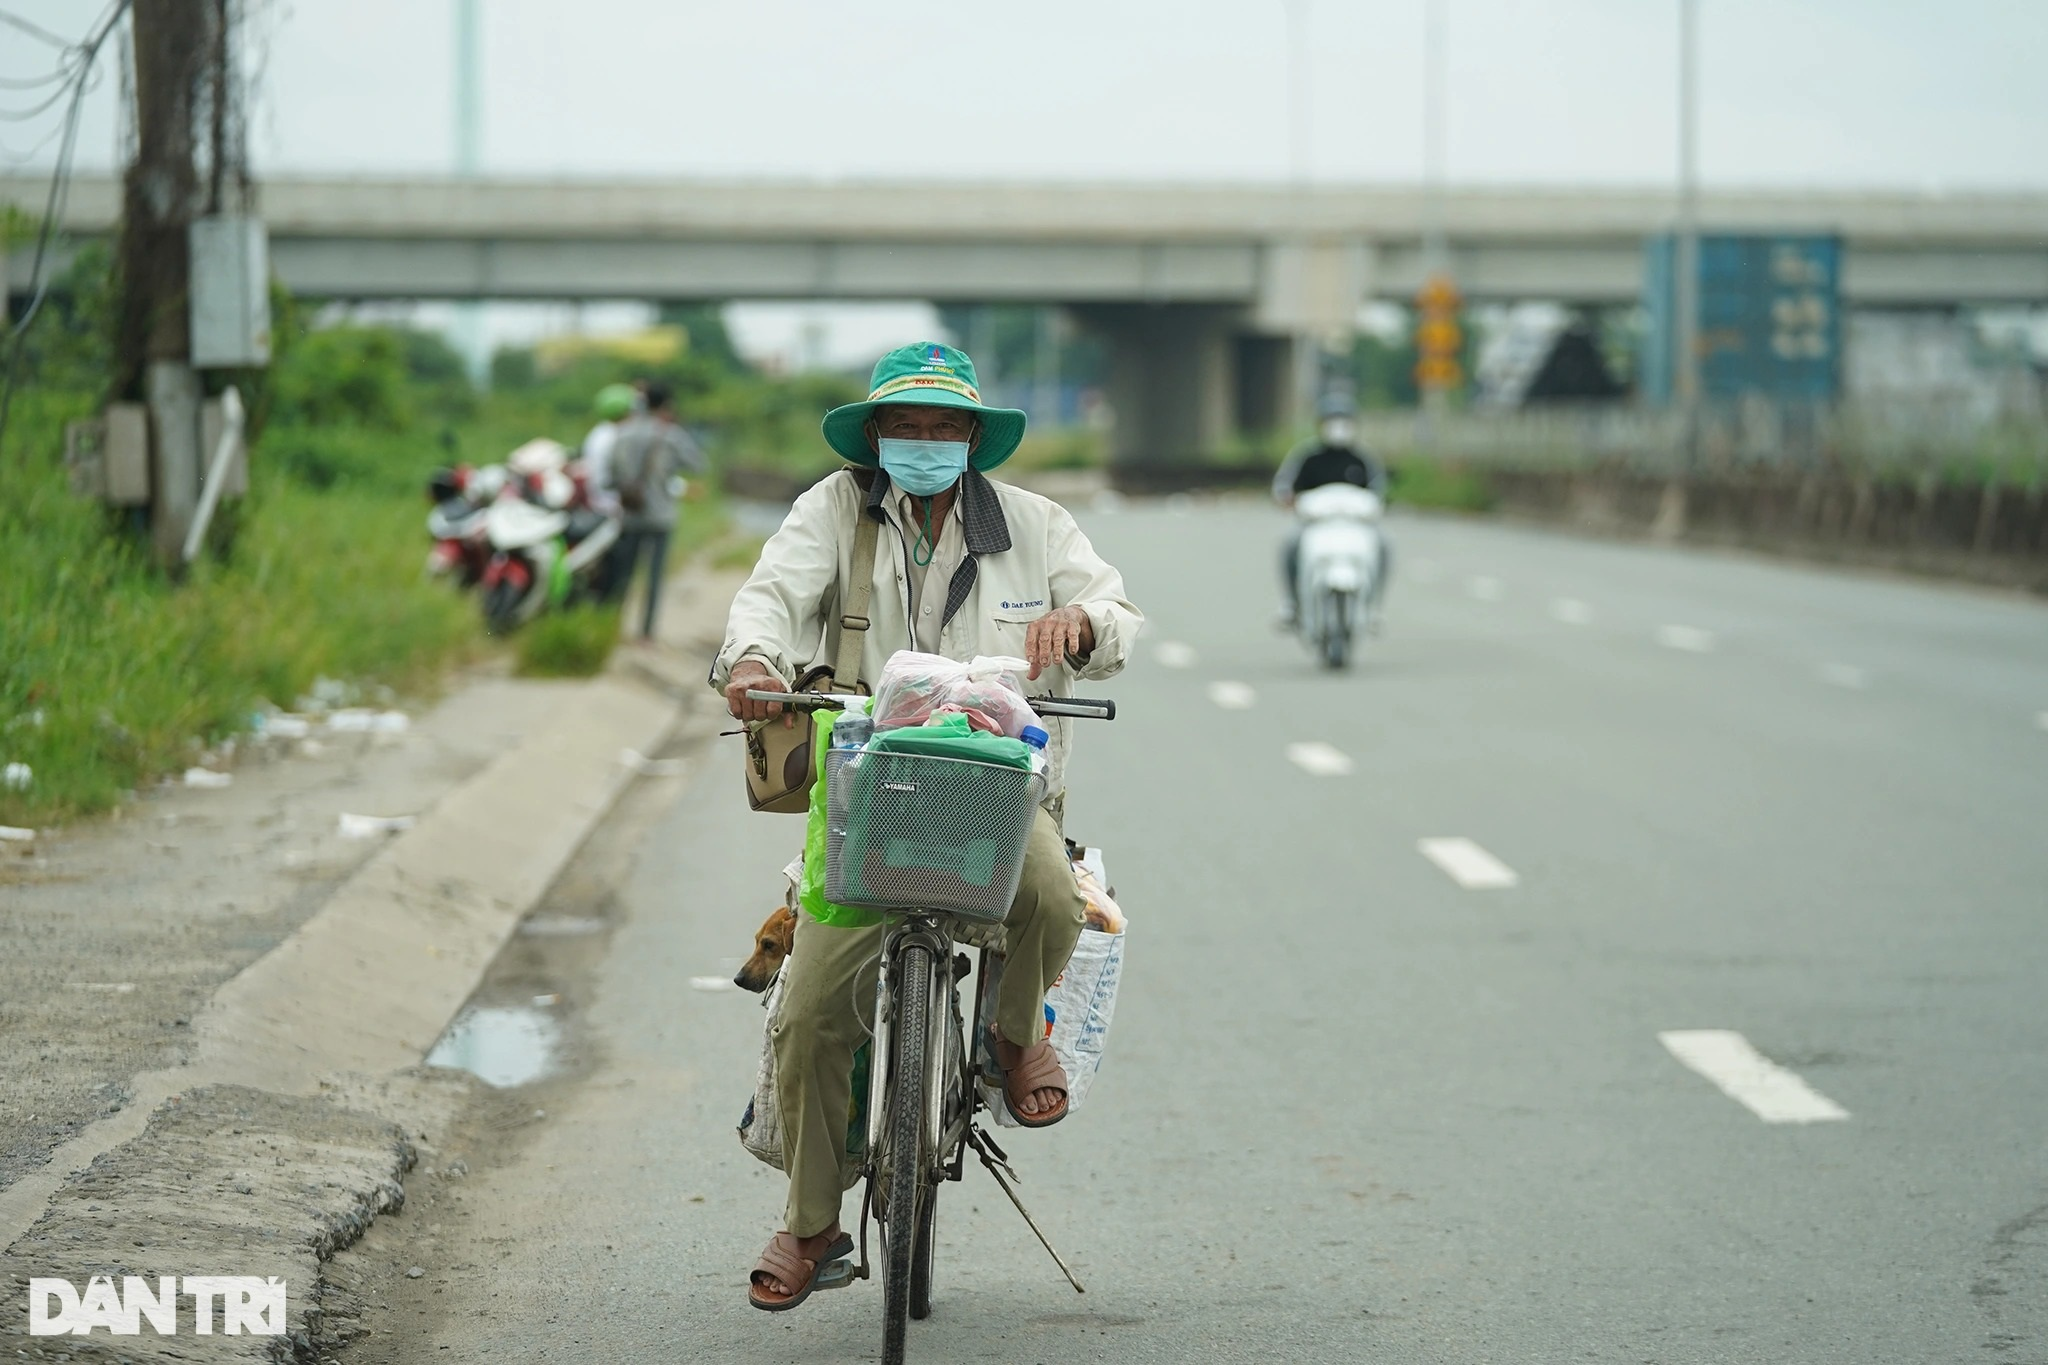 Rưng rưng cảnh lão Hạc đạp xe chở cậu  Vàng từ TPHCM về quê Bến Tre - 11